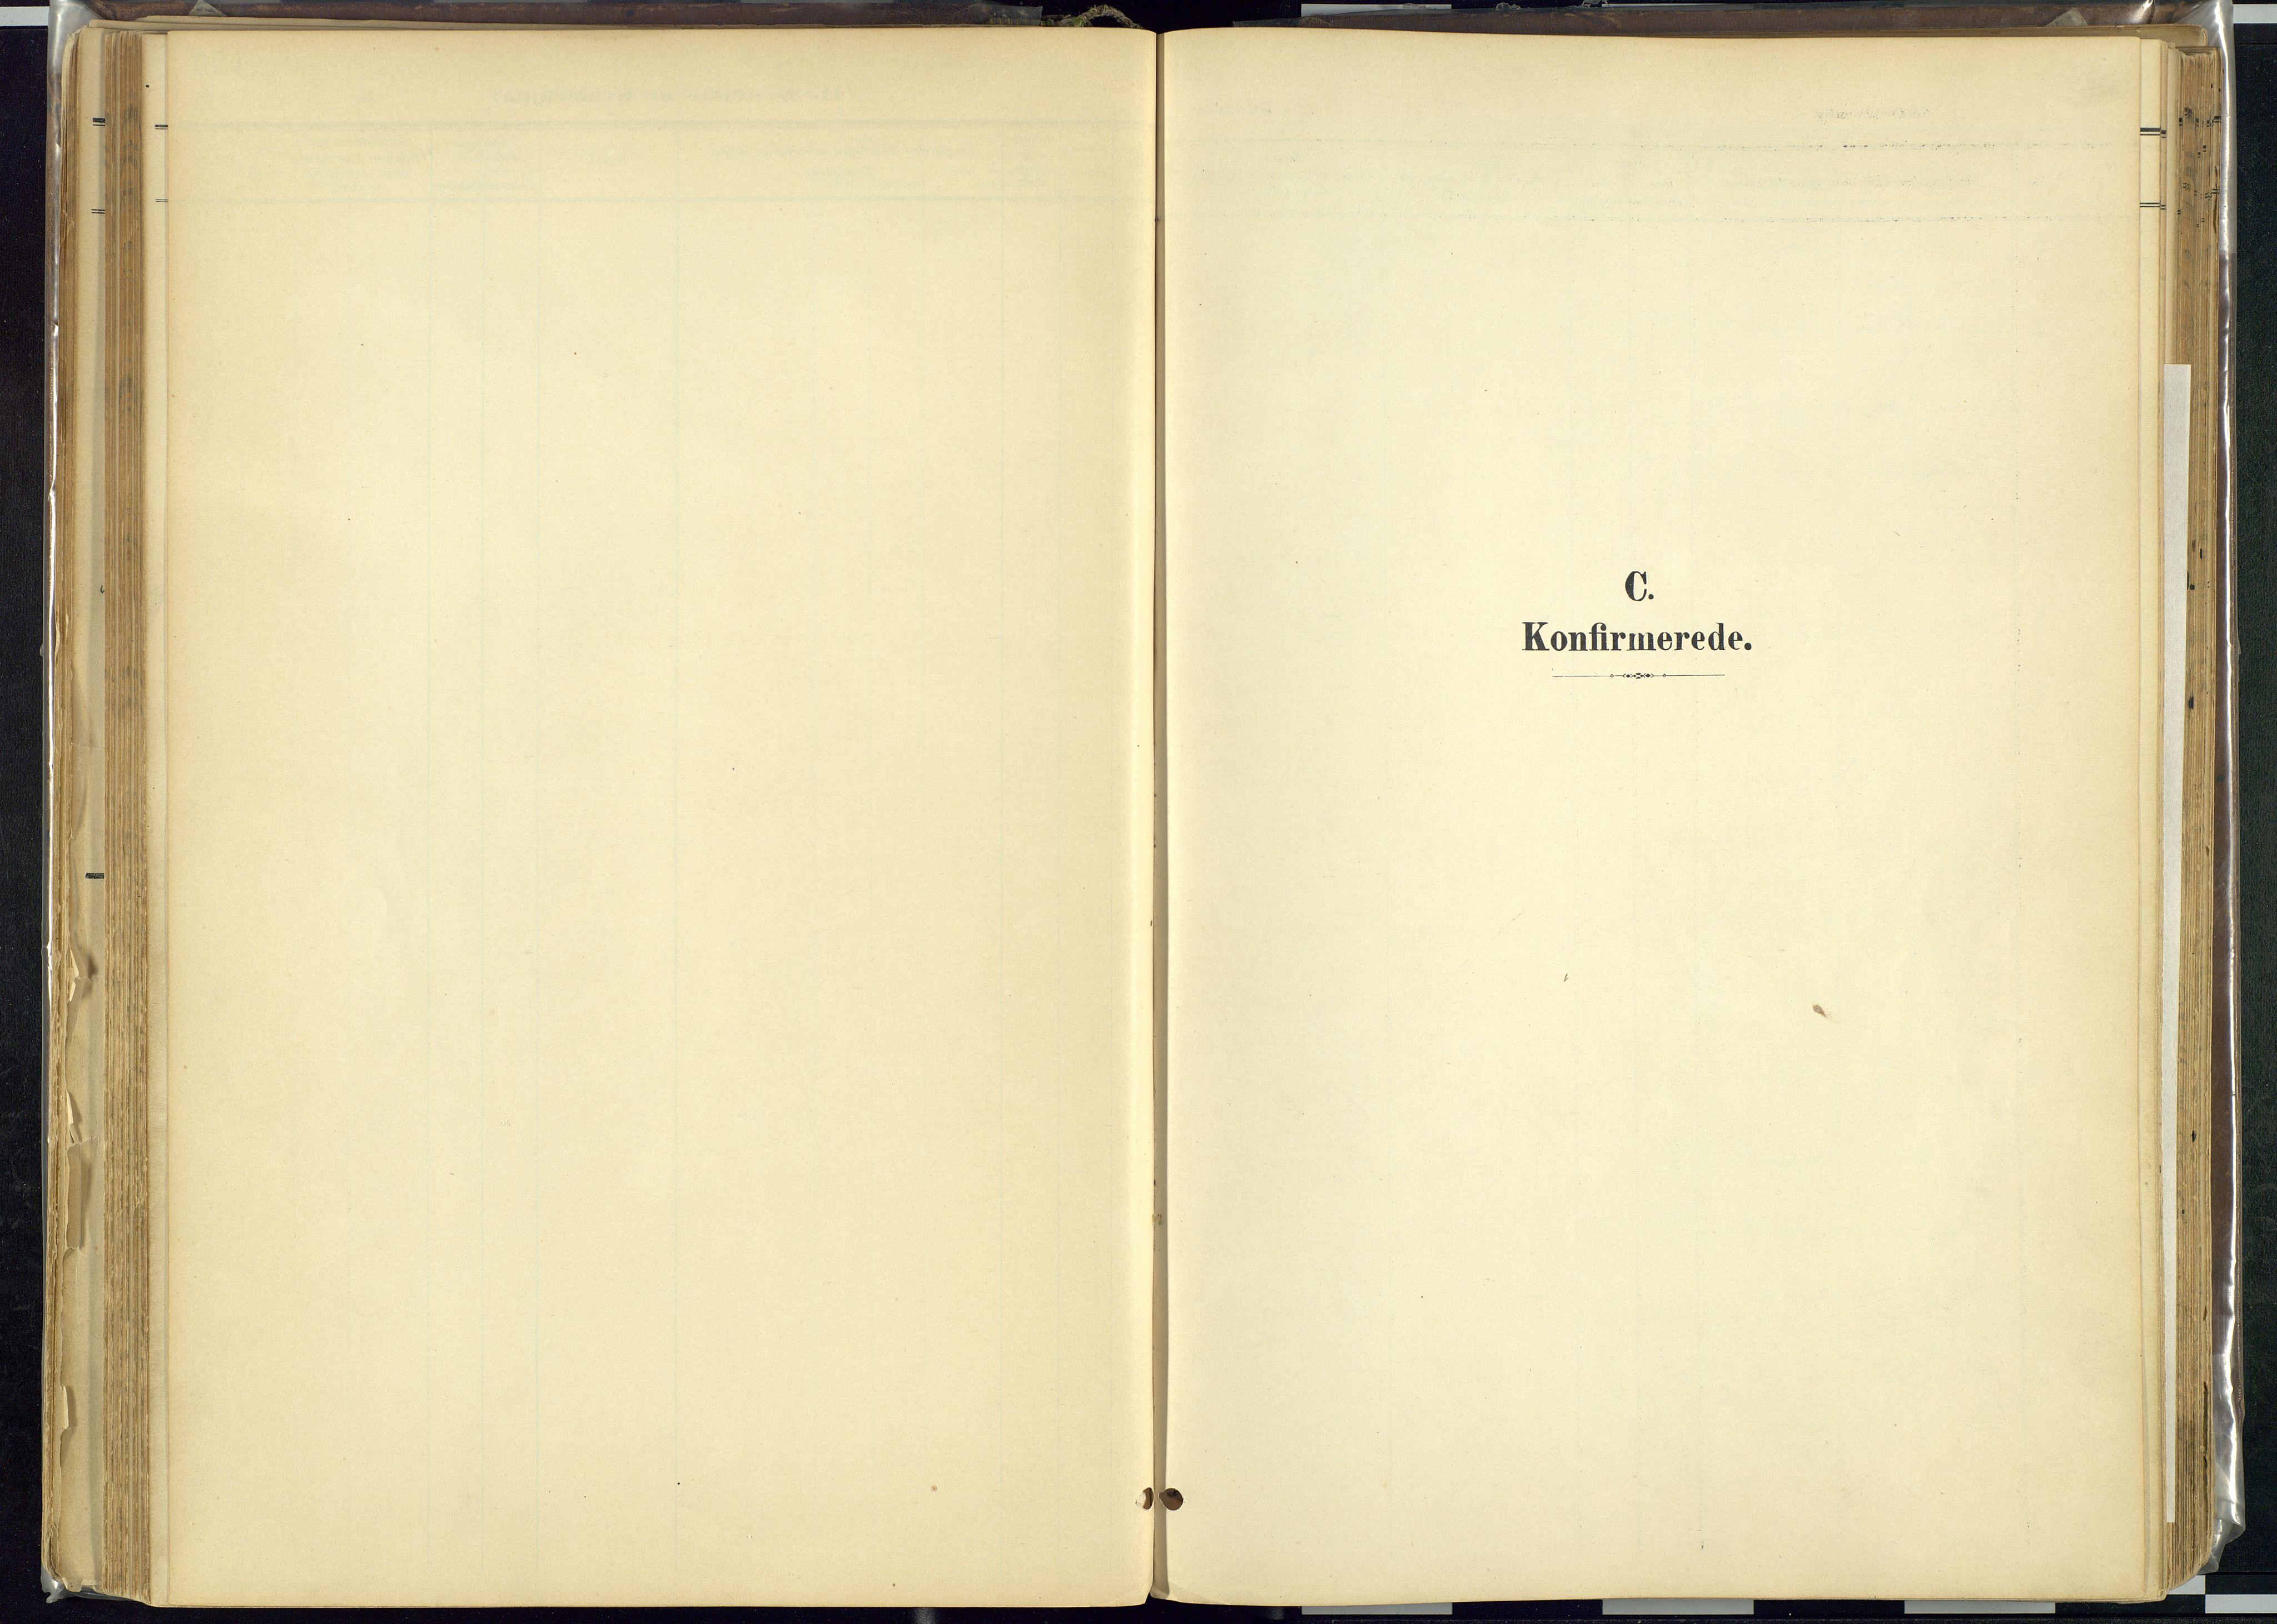 SAH, Rendalen prestekontor, H/Ha/Haa: Ministerialbok nr. 12, 1901-1928, s. 145